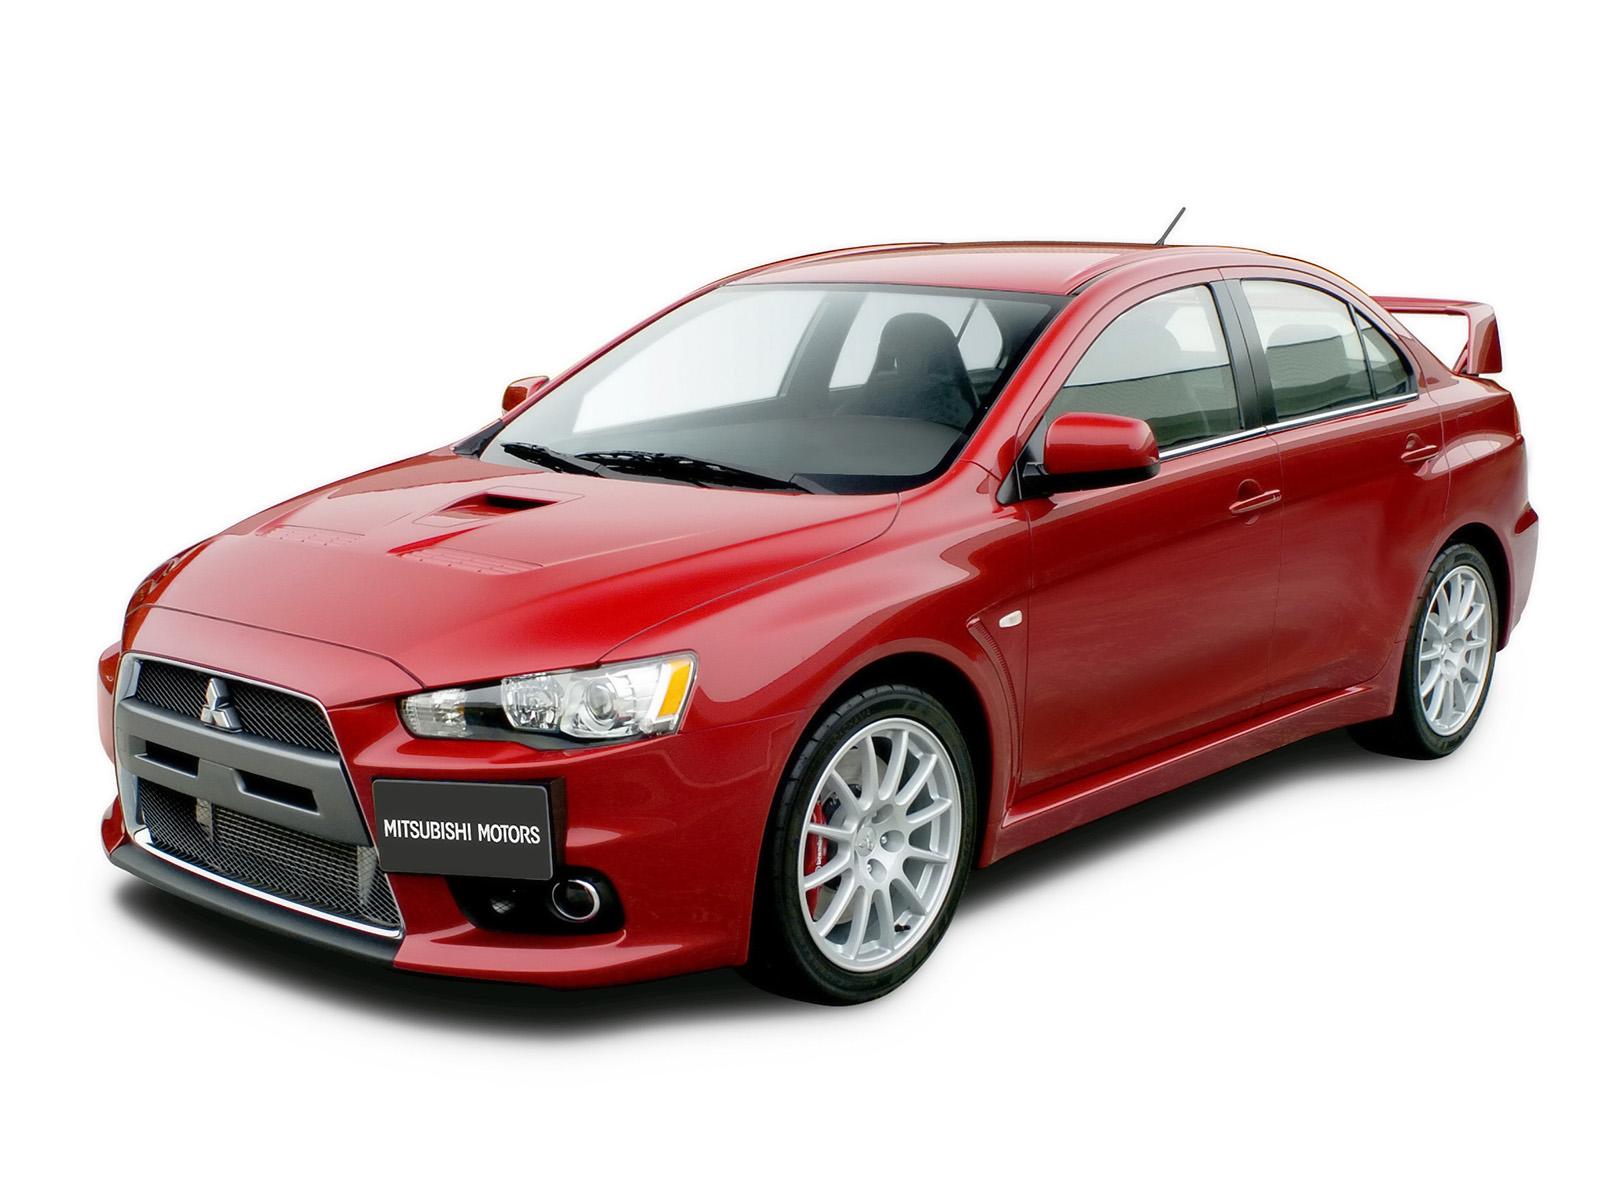 Mitsubishi остановит выпуск модели Lancer в августе 2017 года